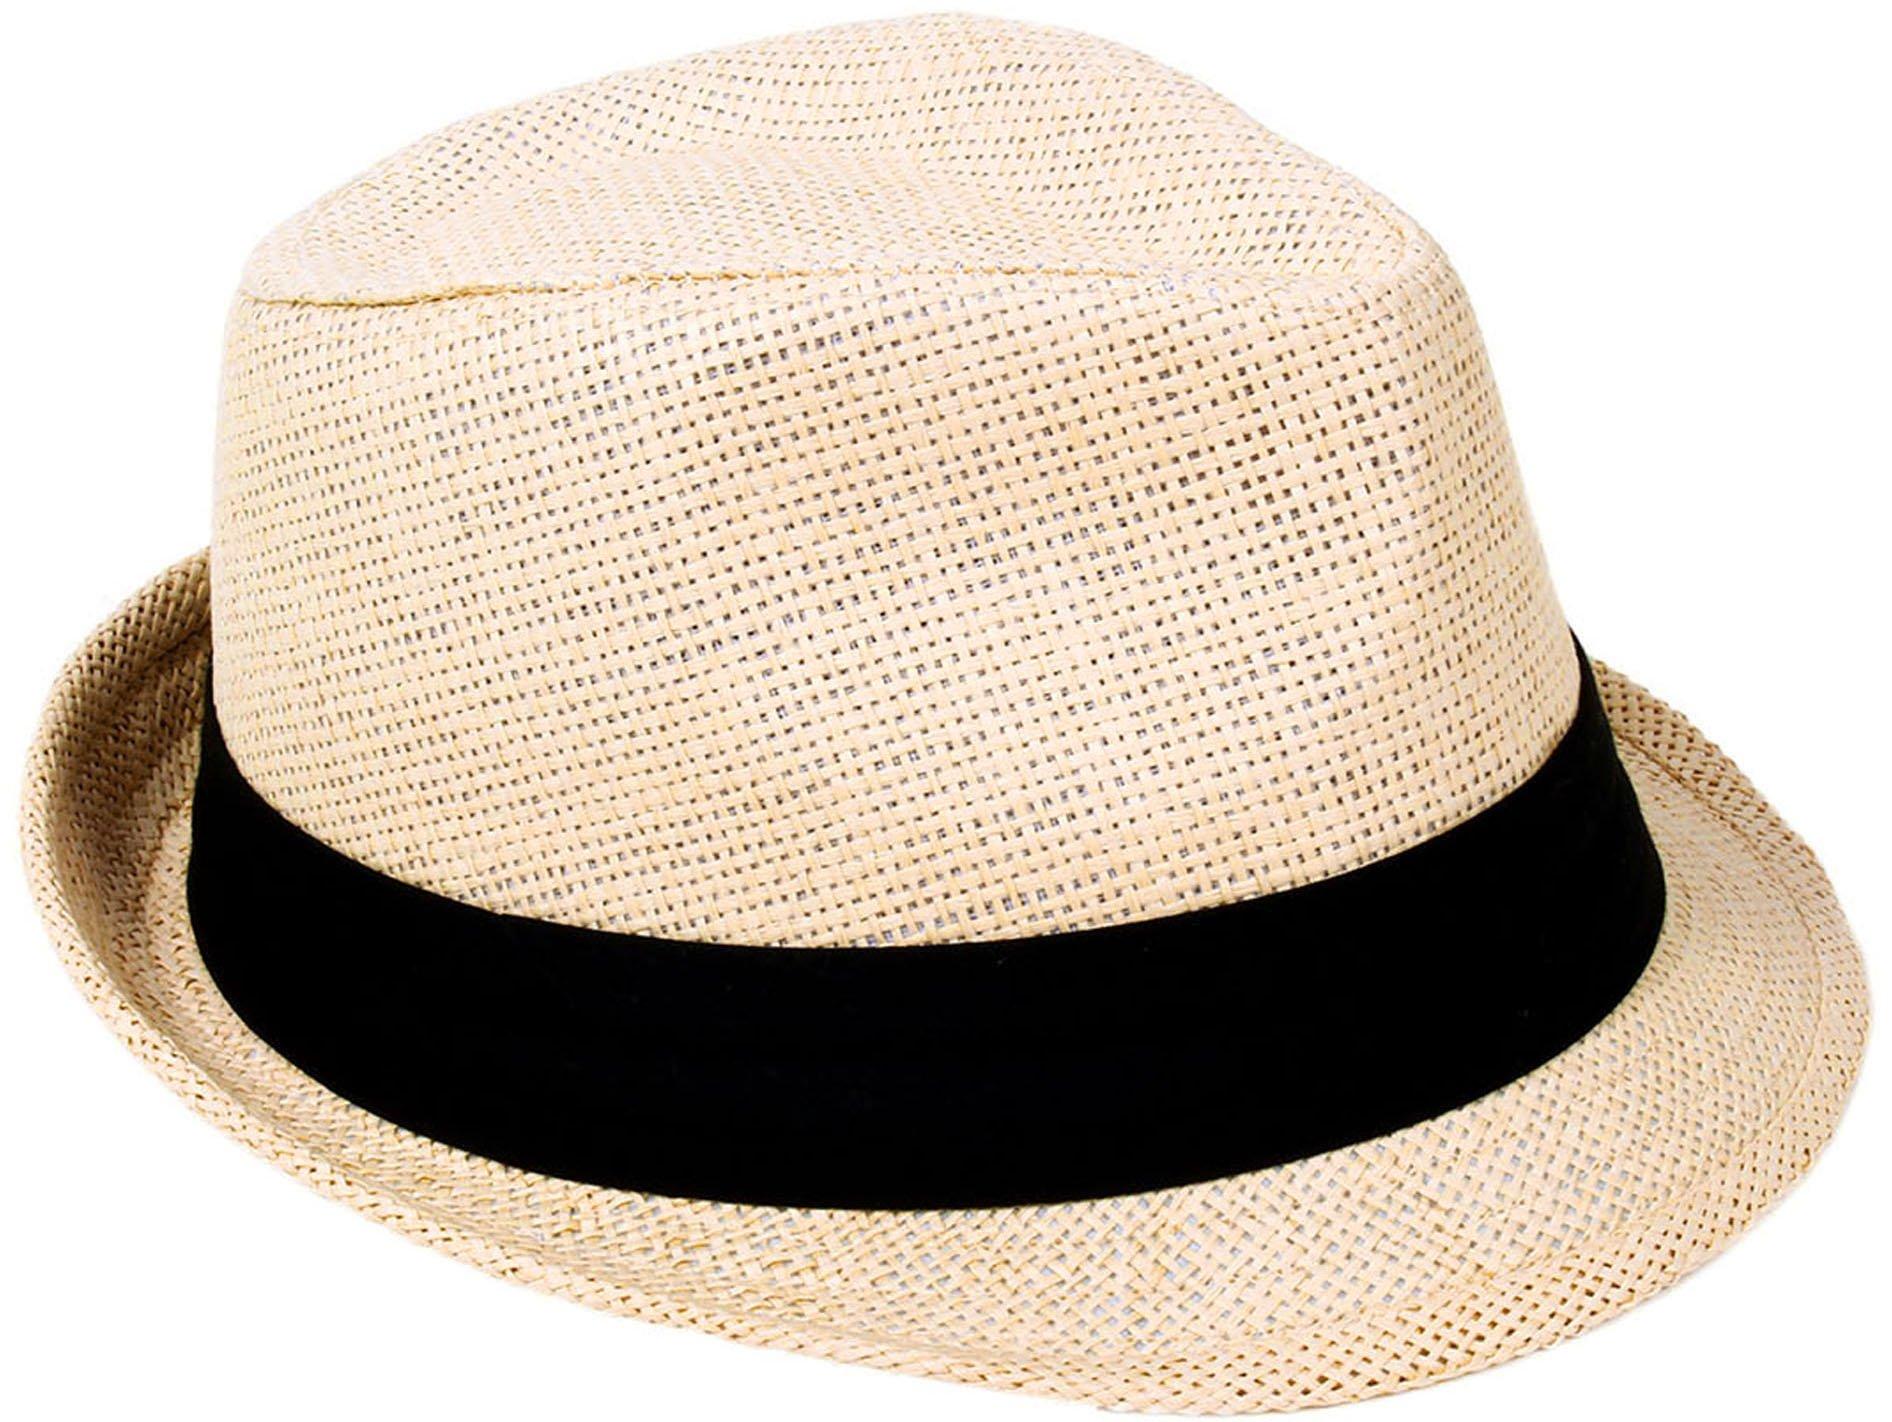 Verabella Fedora Hat Women/Men's Summer Short Brim Straw Sun Hat,Natural,SM